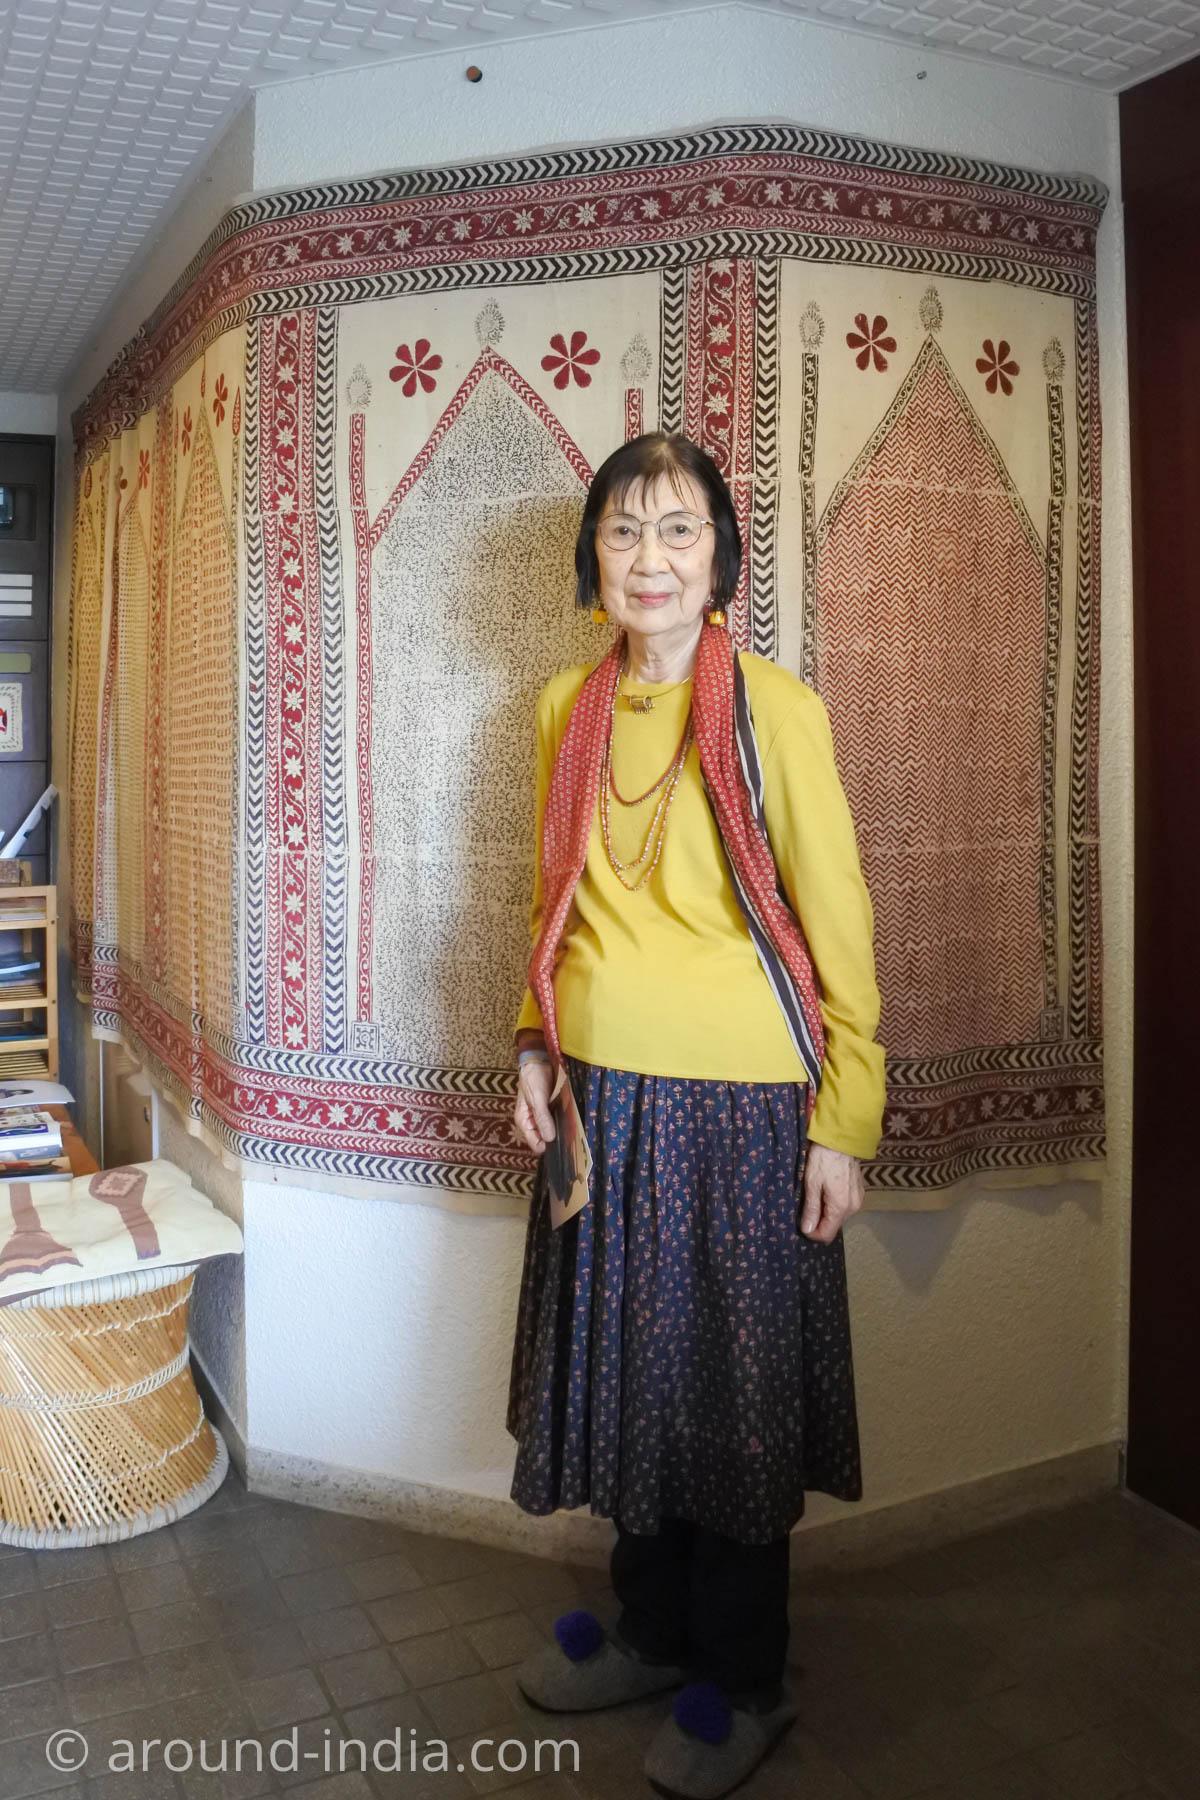 ブロックプリントのスカートやアクセサリーがすてきな岩立ミュージアム館長 岩立広子さん